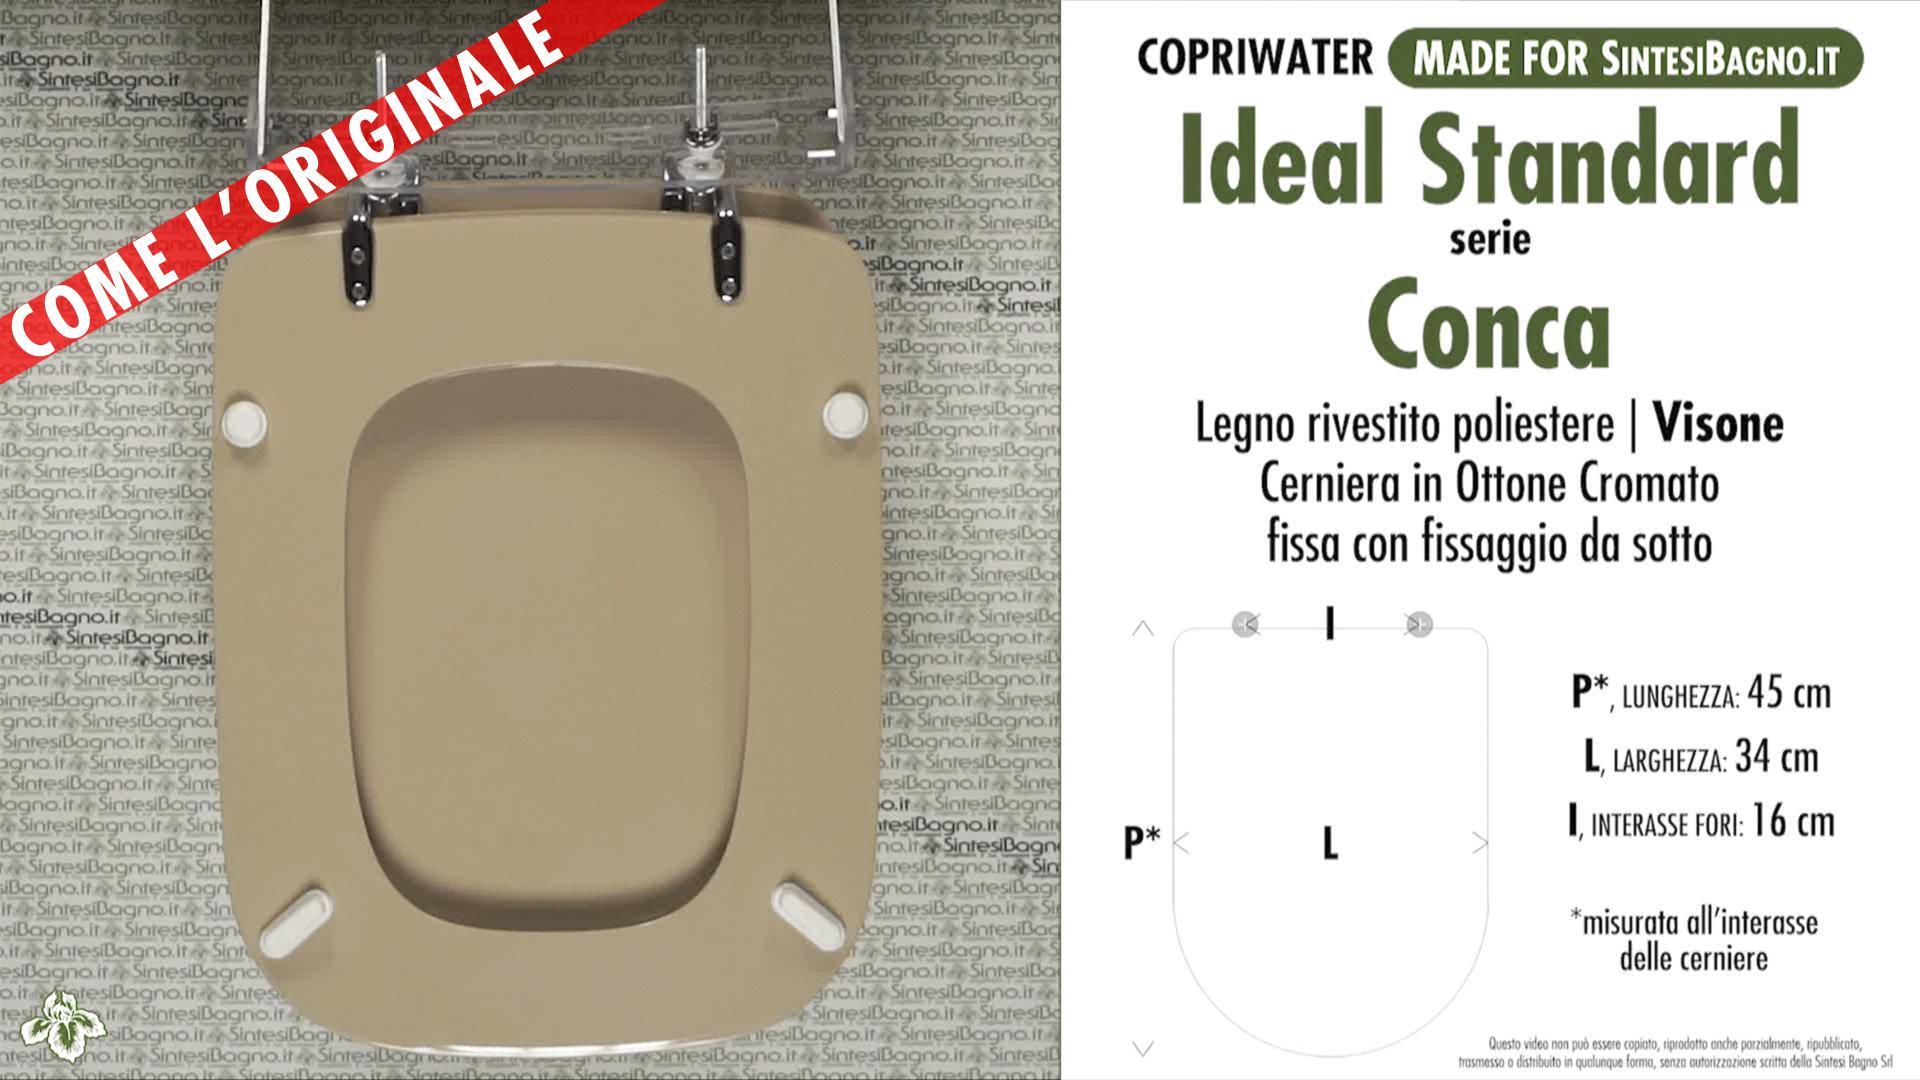 Sedile Wc Copriwater Bianco Ideal Standard Conca.Copriwater Per Wc Conca Ideal Standard Visone Ricambio Dedicato Sintesibagno Shop Online